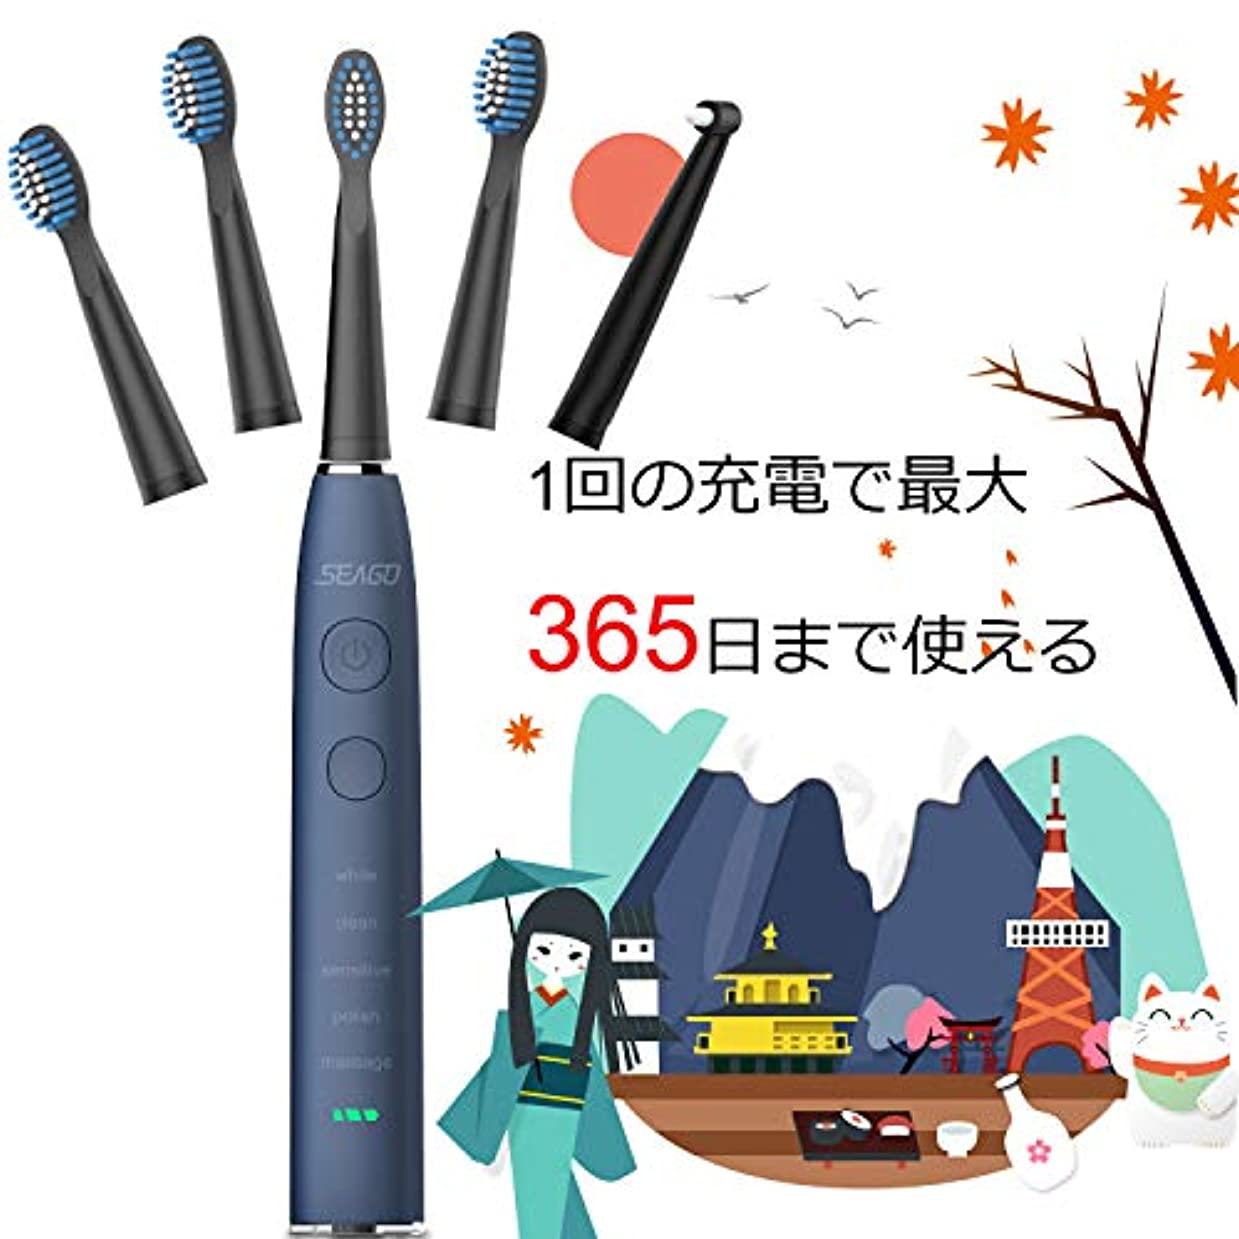 ミシン目再び円形電動歯ブラシ 歯ブラシ seago 音波歯ブラシ USB充電式8時間 365日に使用 IPX7防水 五つモードと2分オートタイマー機能搭載 替えブラシ5本 12ヶ月メーカー保証 SG-575(ブルー)